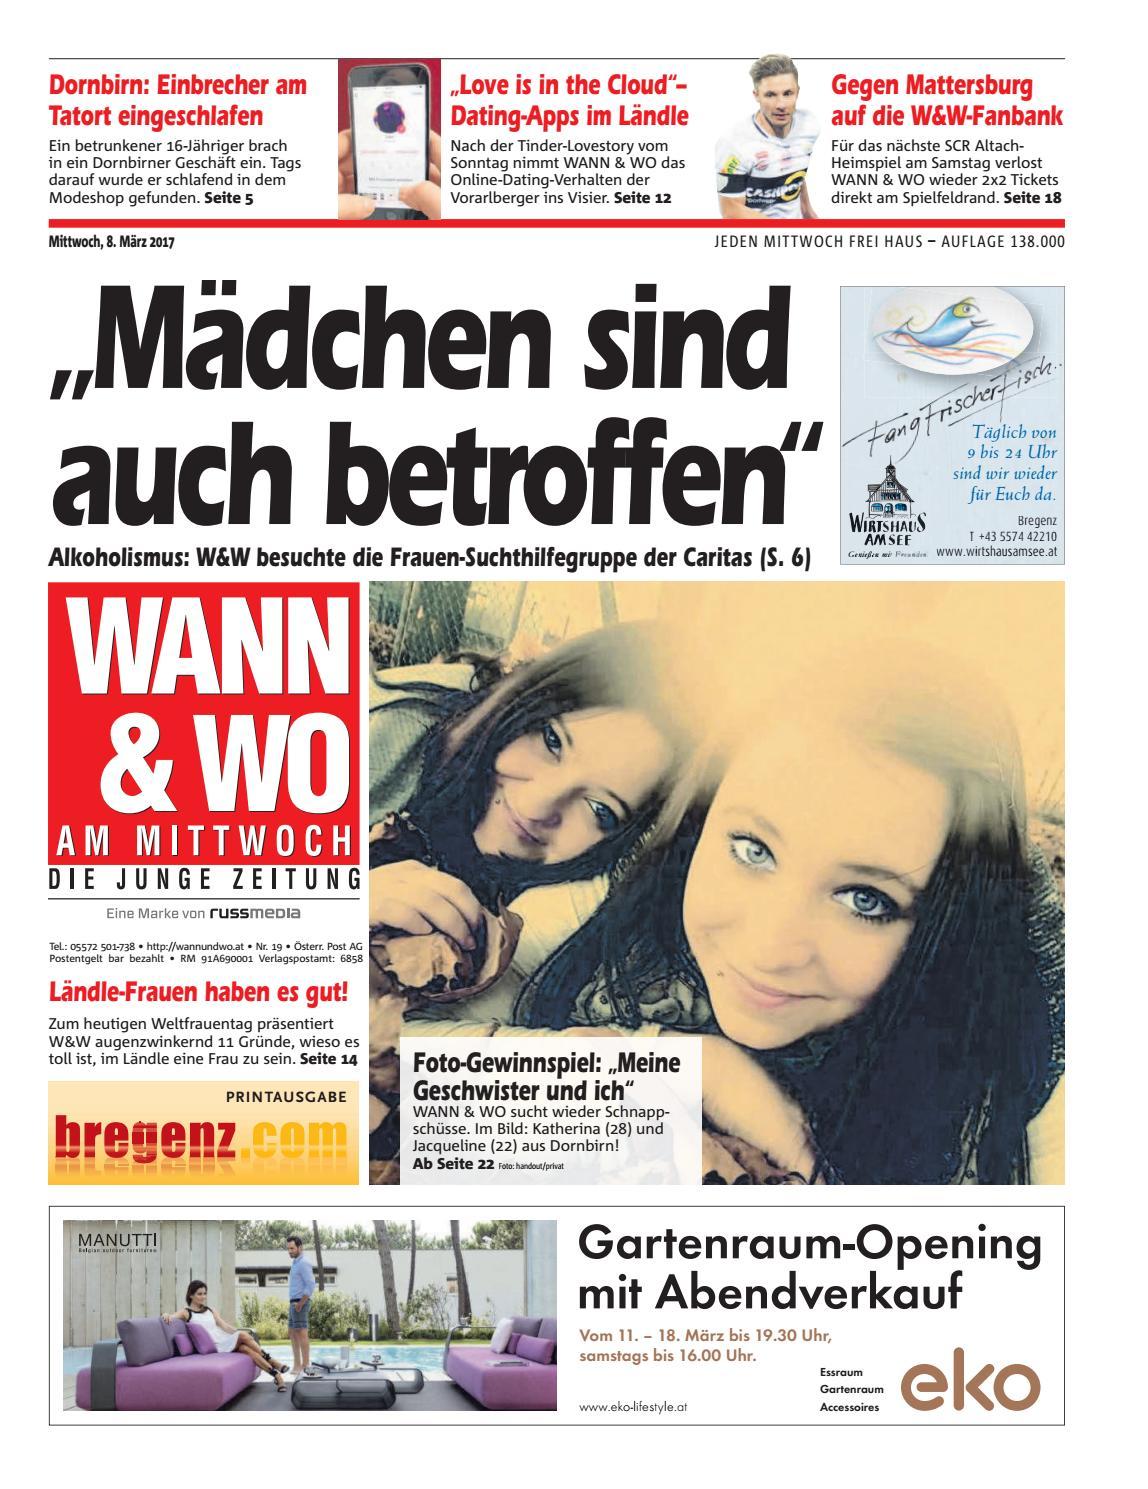 Partnersuche & kostenlose Kontaktanzeigen in Meiningen